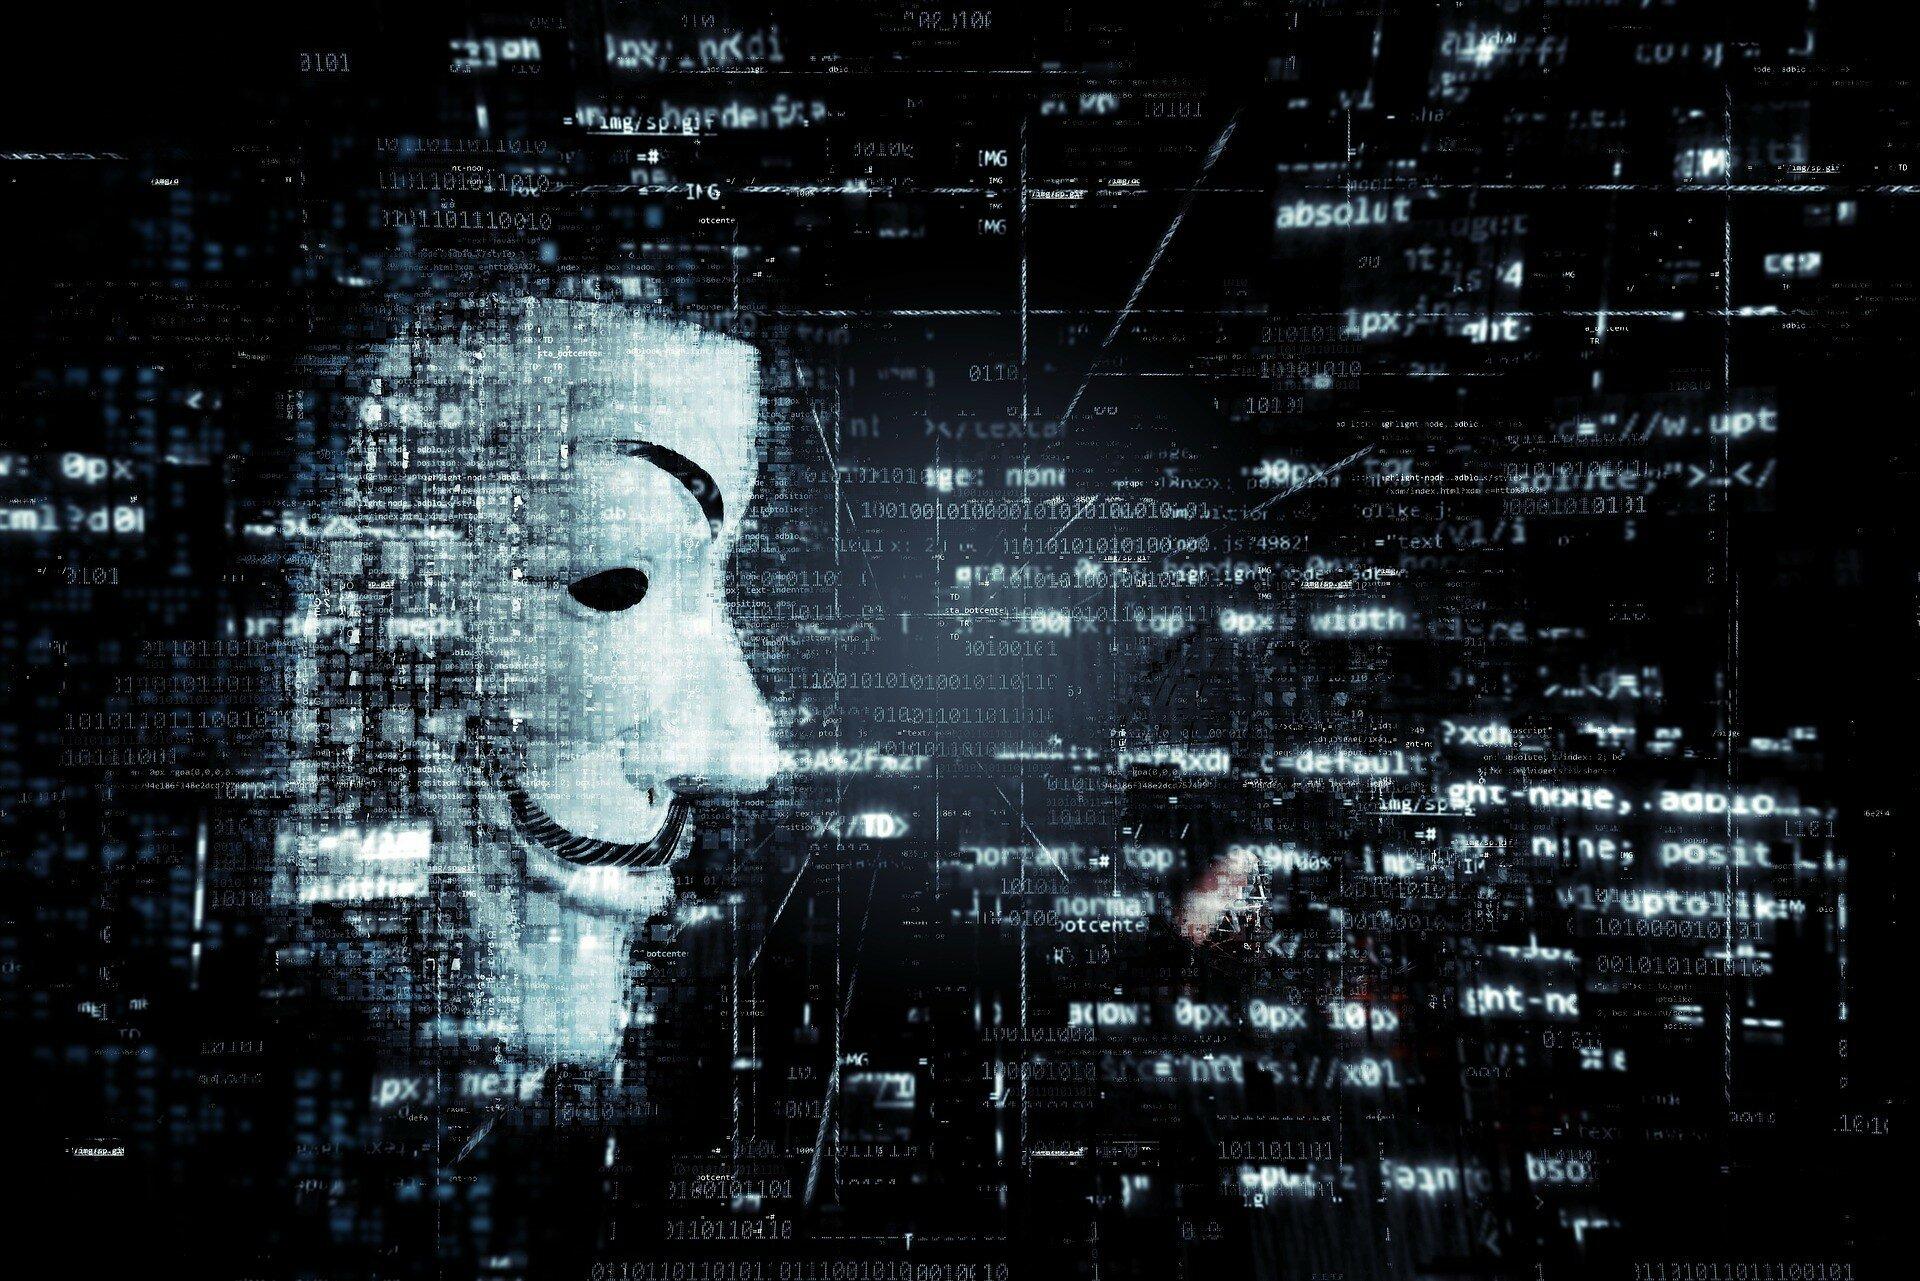 Испанская разведка обвинила спецслужбы России в кибератаке